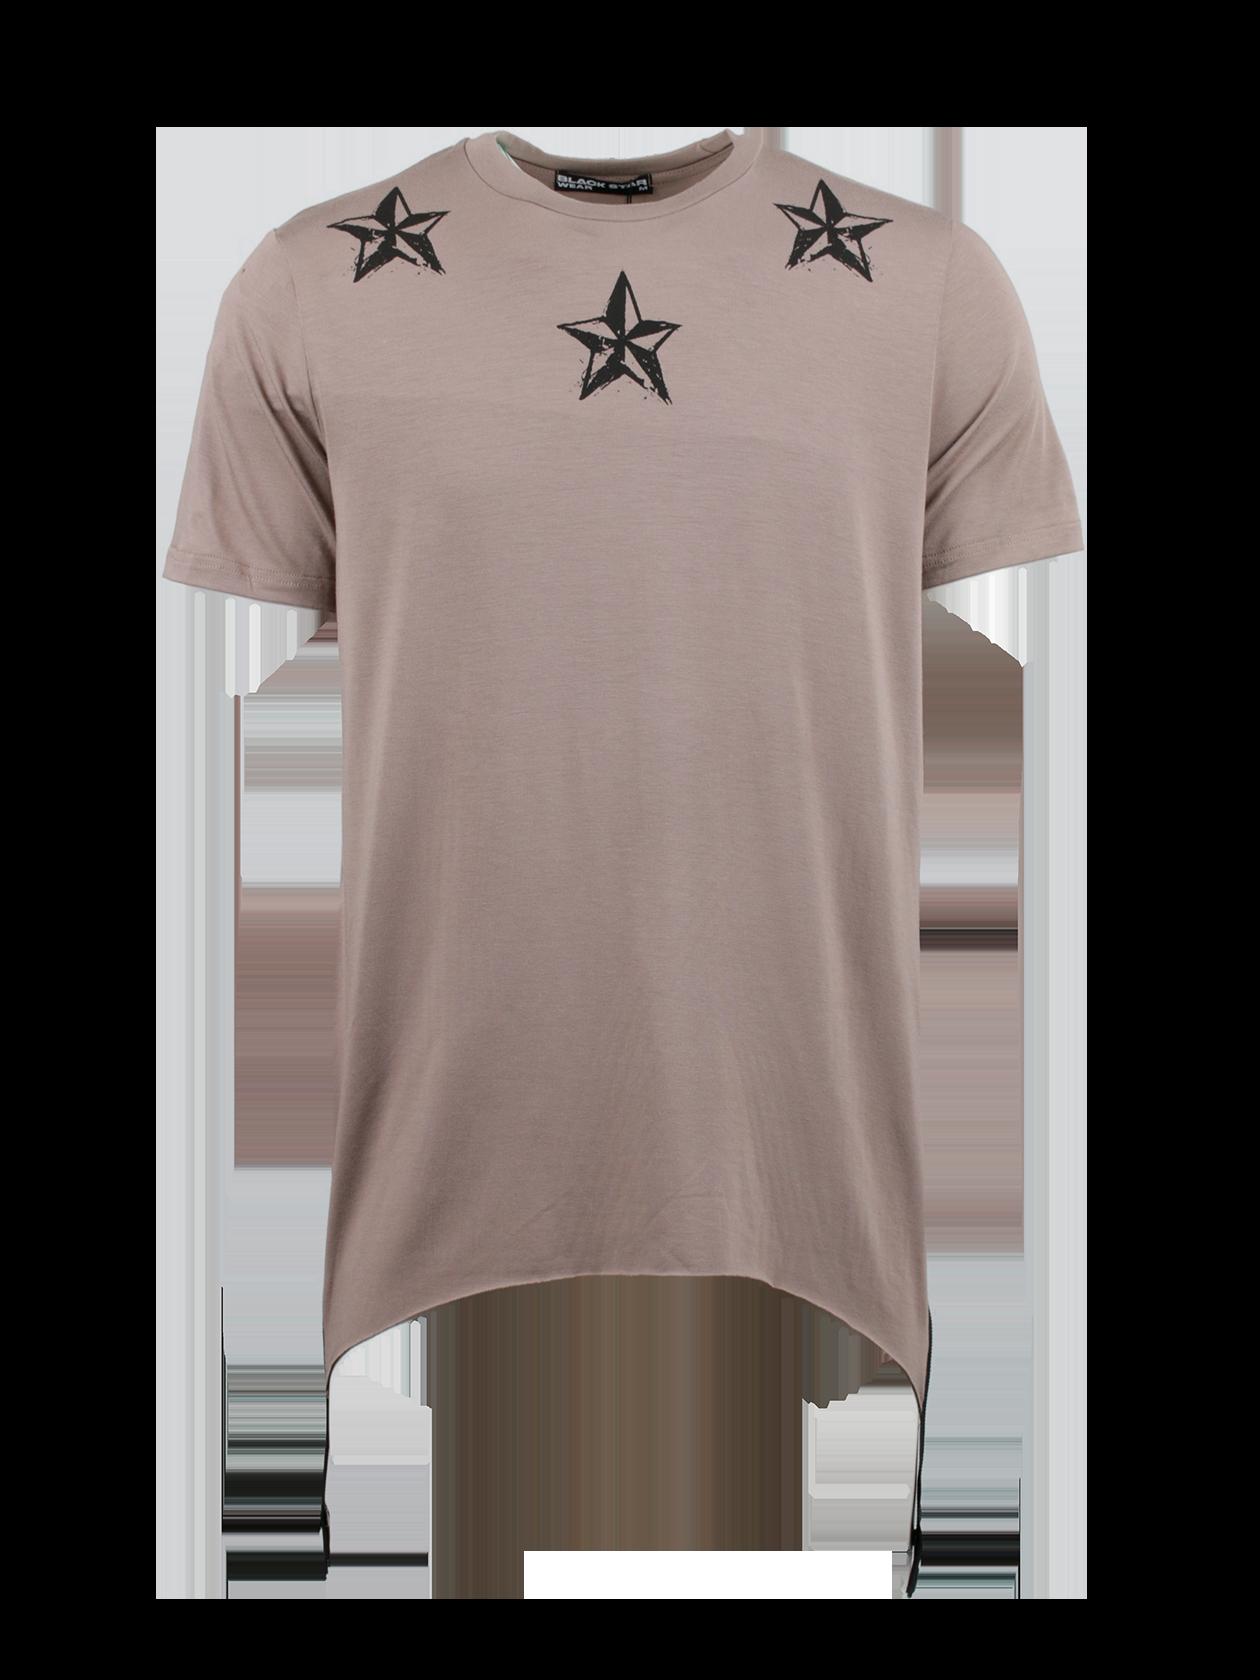 Футболка мужская REGULARМужская футболка из новой коллекции Black Star Wear. Стильная, практичная и очень качественная модель свободного кроя с коротким рукавом, а так же уникальным дизайнерским рисунком на груди в стилеBlack Star. Изделие выполнено из натурального хлопка премиального качества, что обеспечит безупречный комфорт. Низ дополняет ультрамодное дизайнерское решение в виде черных широких молний по бокам. Идеально дополнит стильный мужской образ на каждый день. Несомненно станет незаменимой и любимой вещью в гардеробе. Модель доступна в сером, черном и белом цветах.<br><br>Размер: XL<br>Цвет: Хаки<br>Пол: Мужской